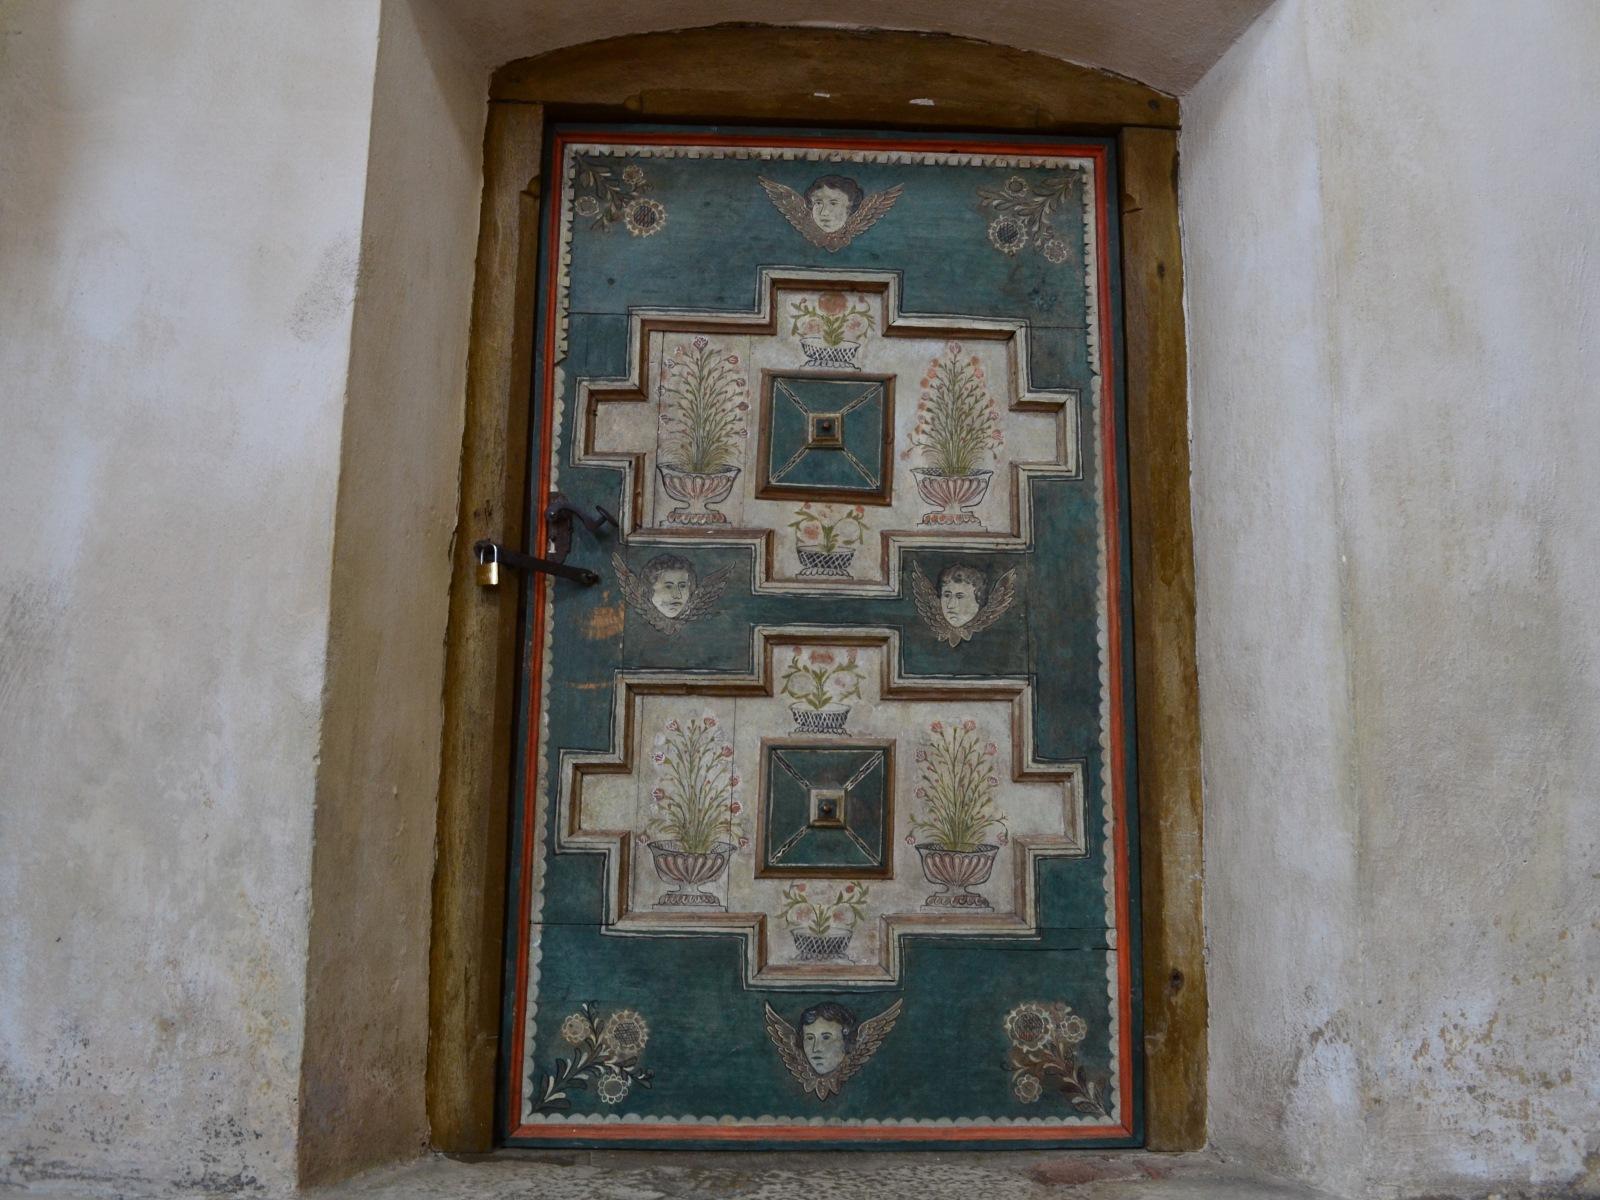 Mănăstirea Cârța 9 - Mănăstirea Cârța - singura ruină cisterciană din România